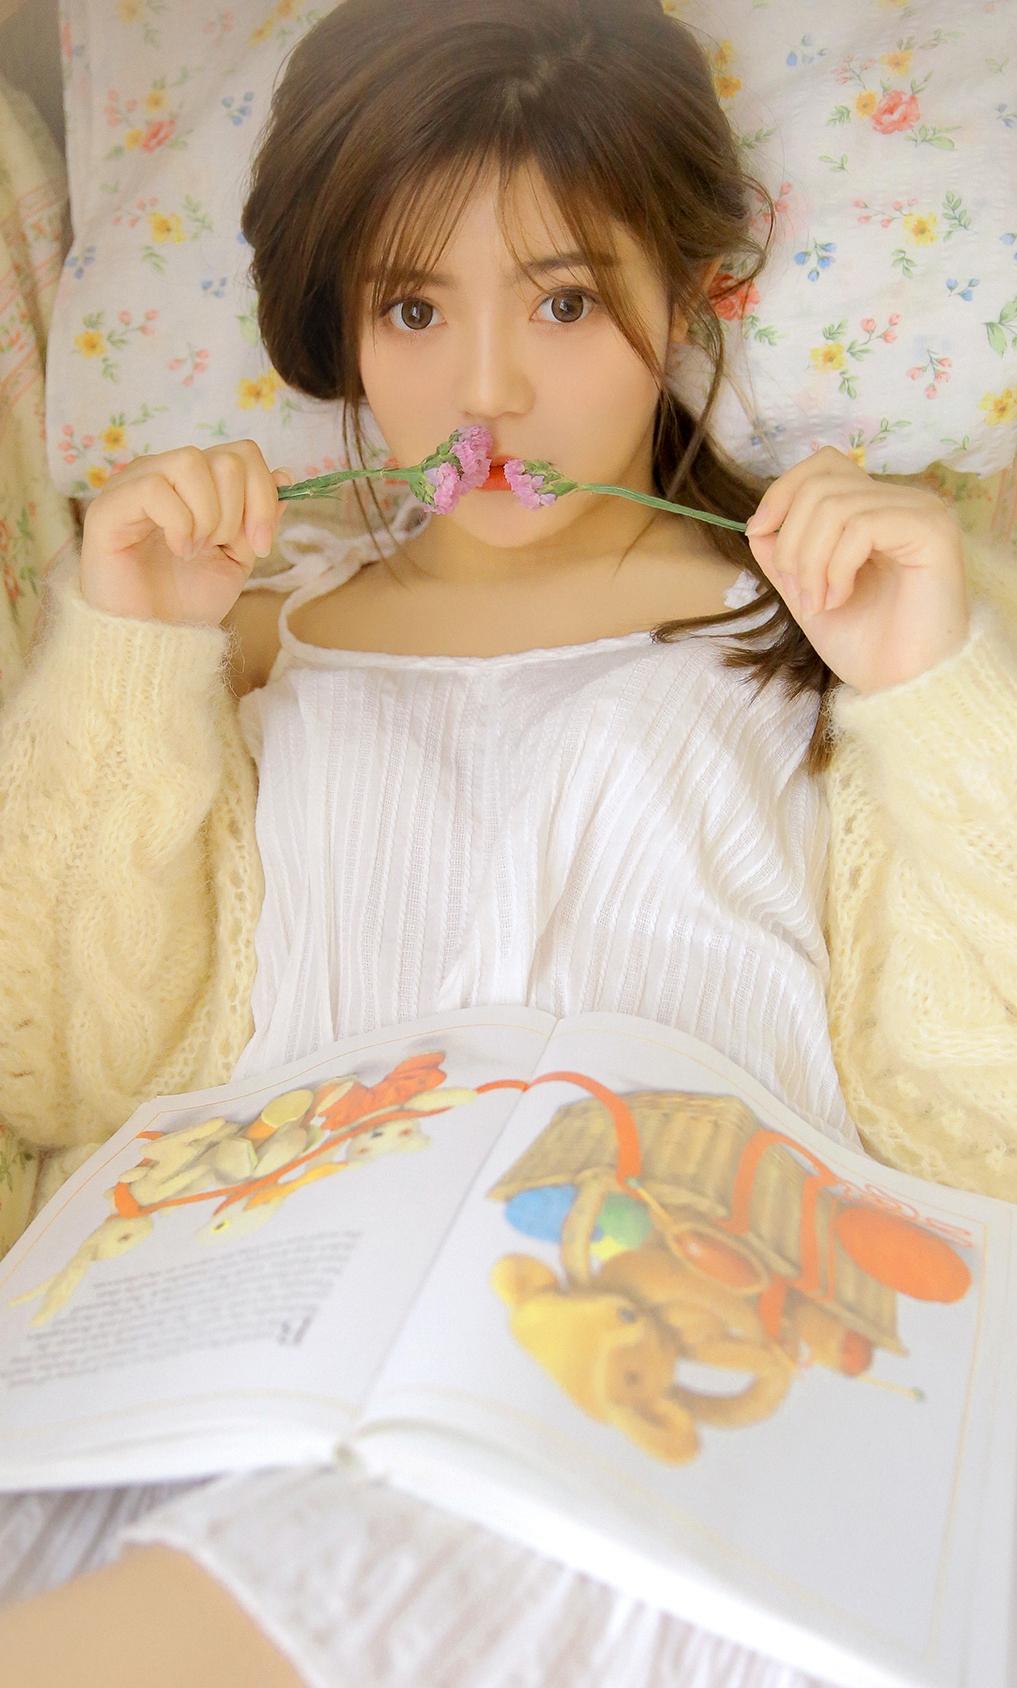 白皙美少女性感私房写真图片